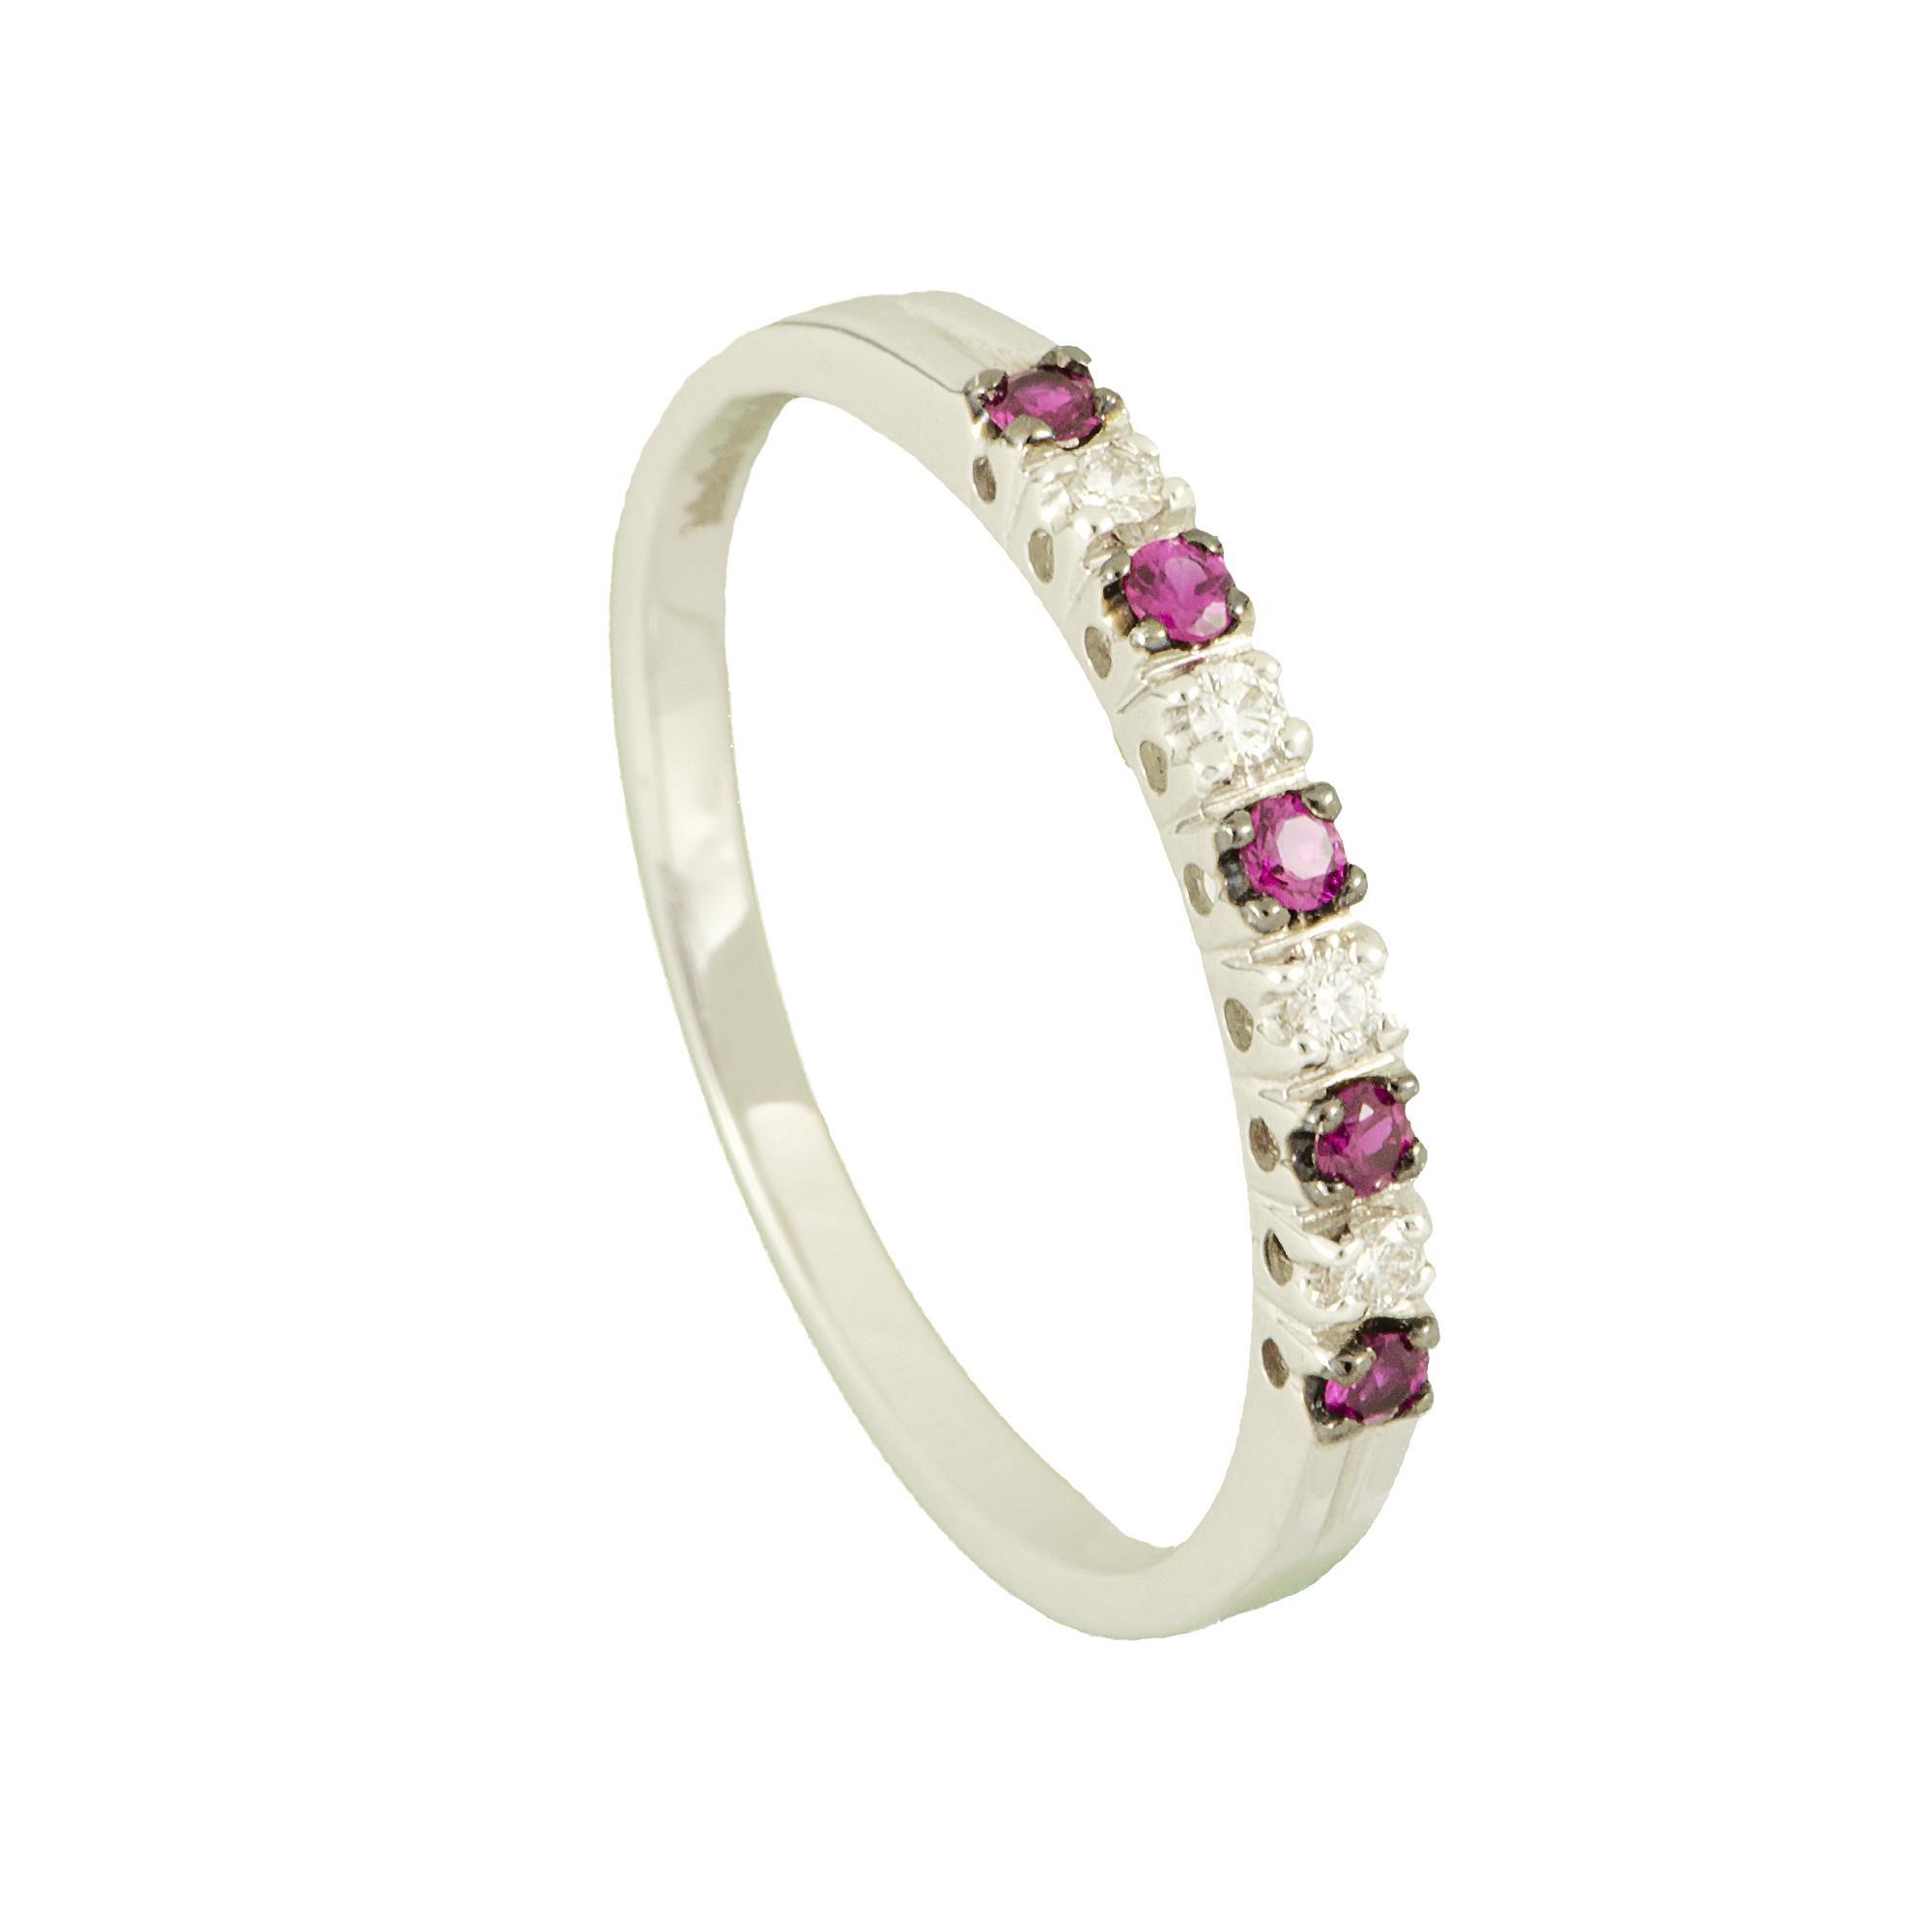 Anello veretta in oro bianco con diamanti e rubini - ALFIERI ST JOHN